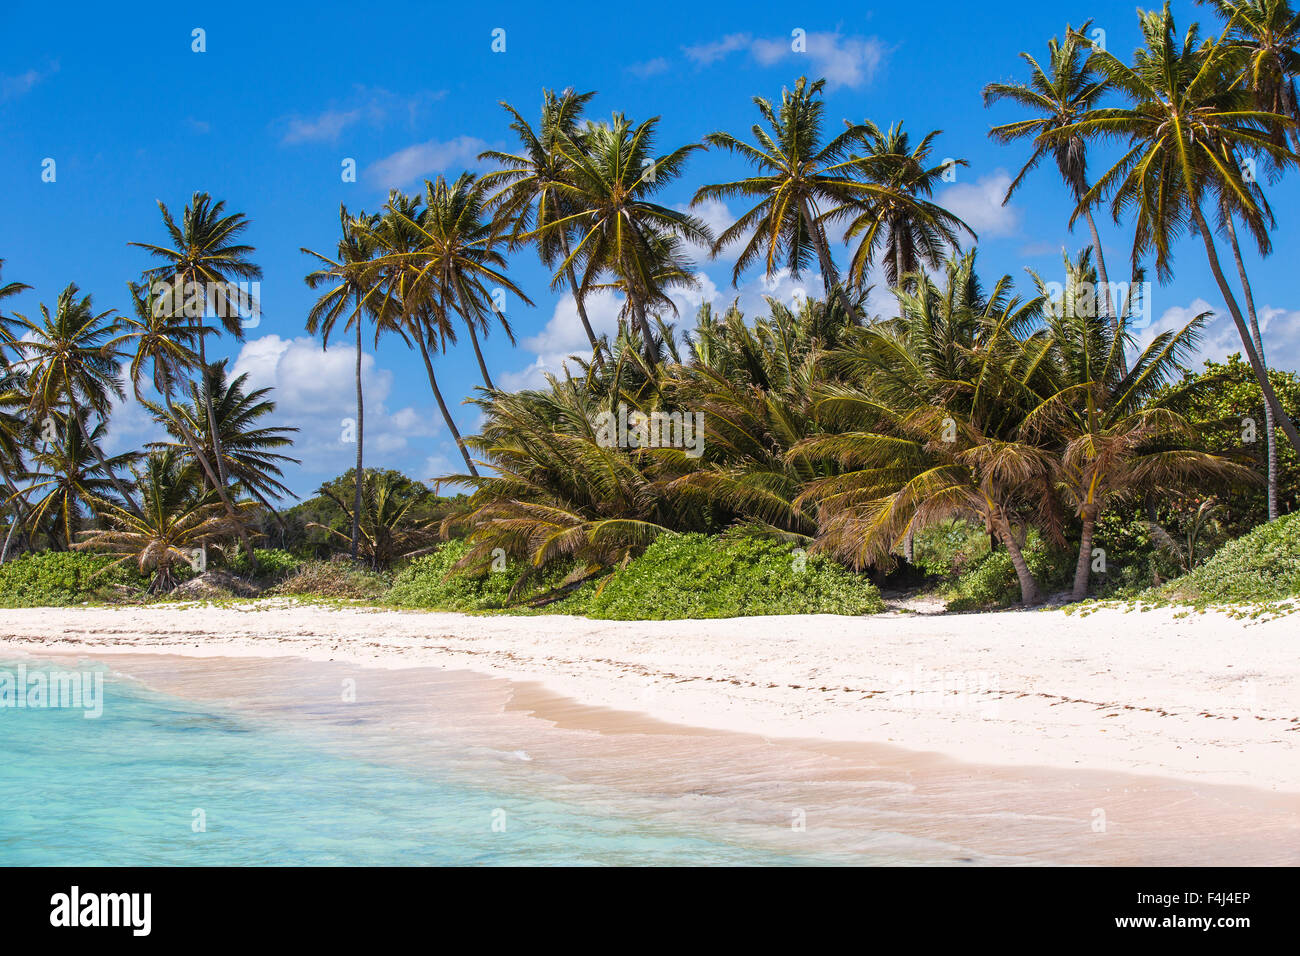 Playa Blanca, Punta Cana, République dominicaine, Antilles, Caraïbes, Amérique Centrale Banque D'Images